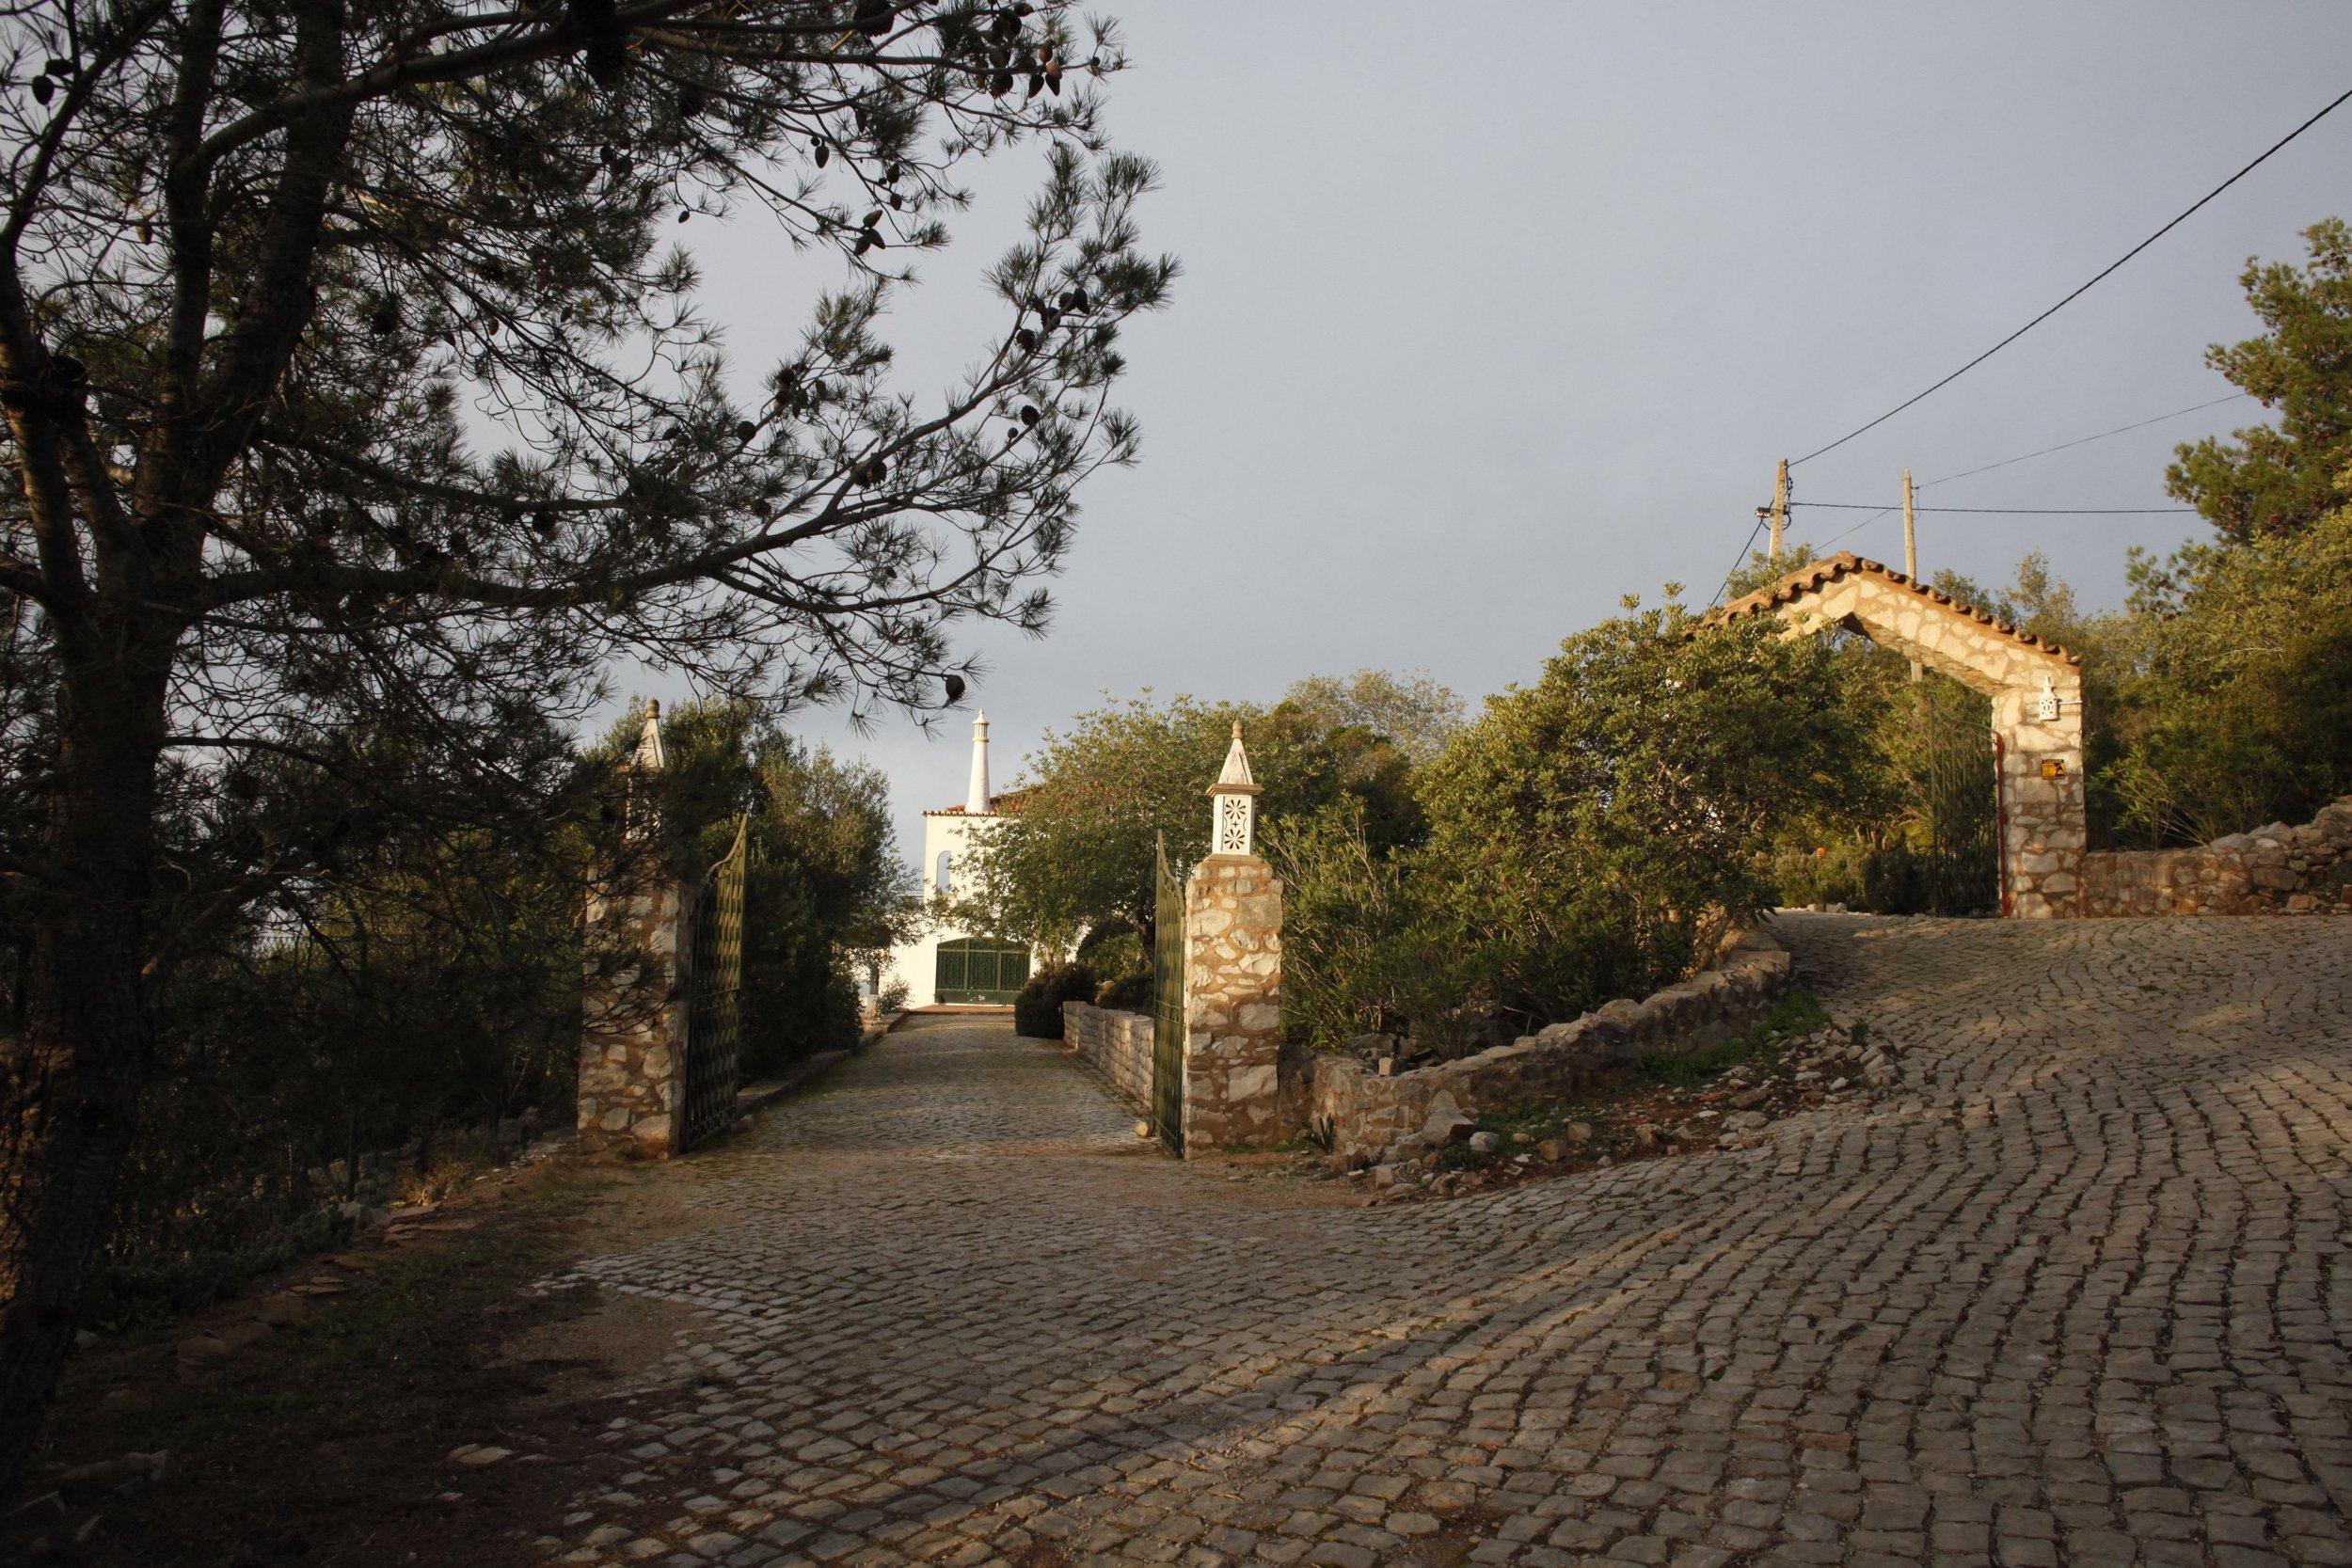 Double entrance to Casa Danielle